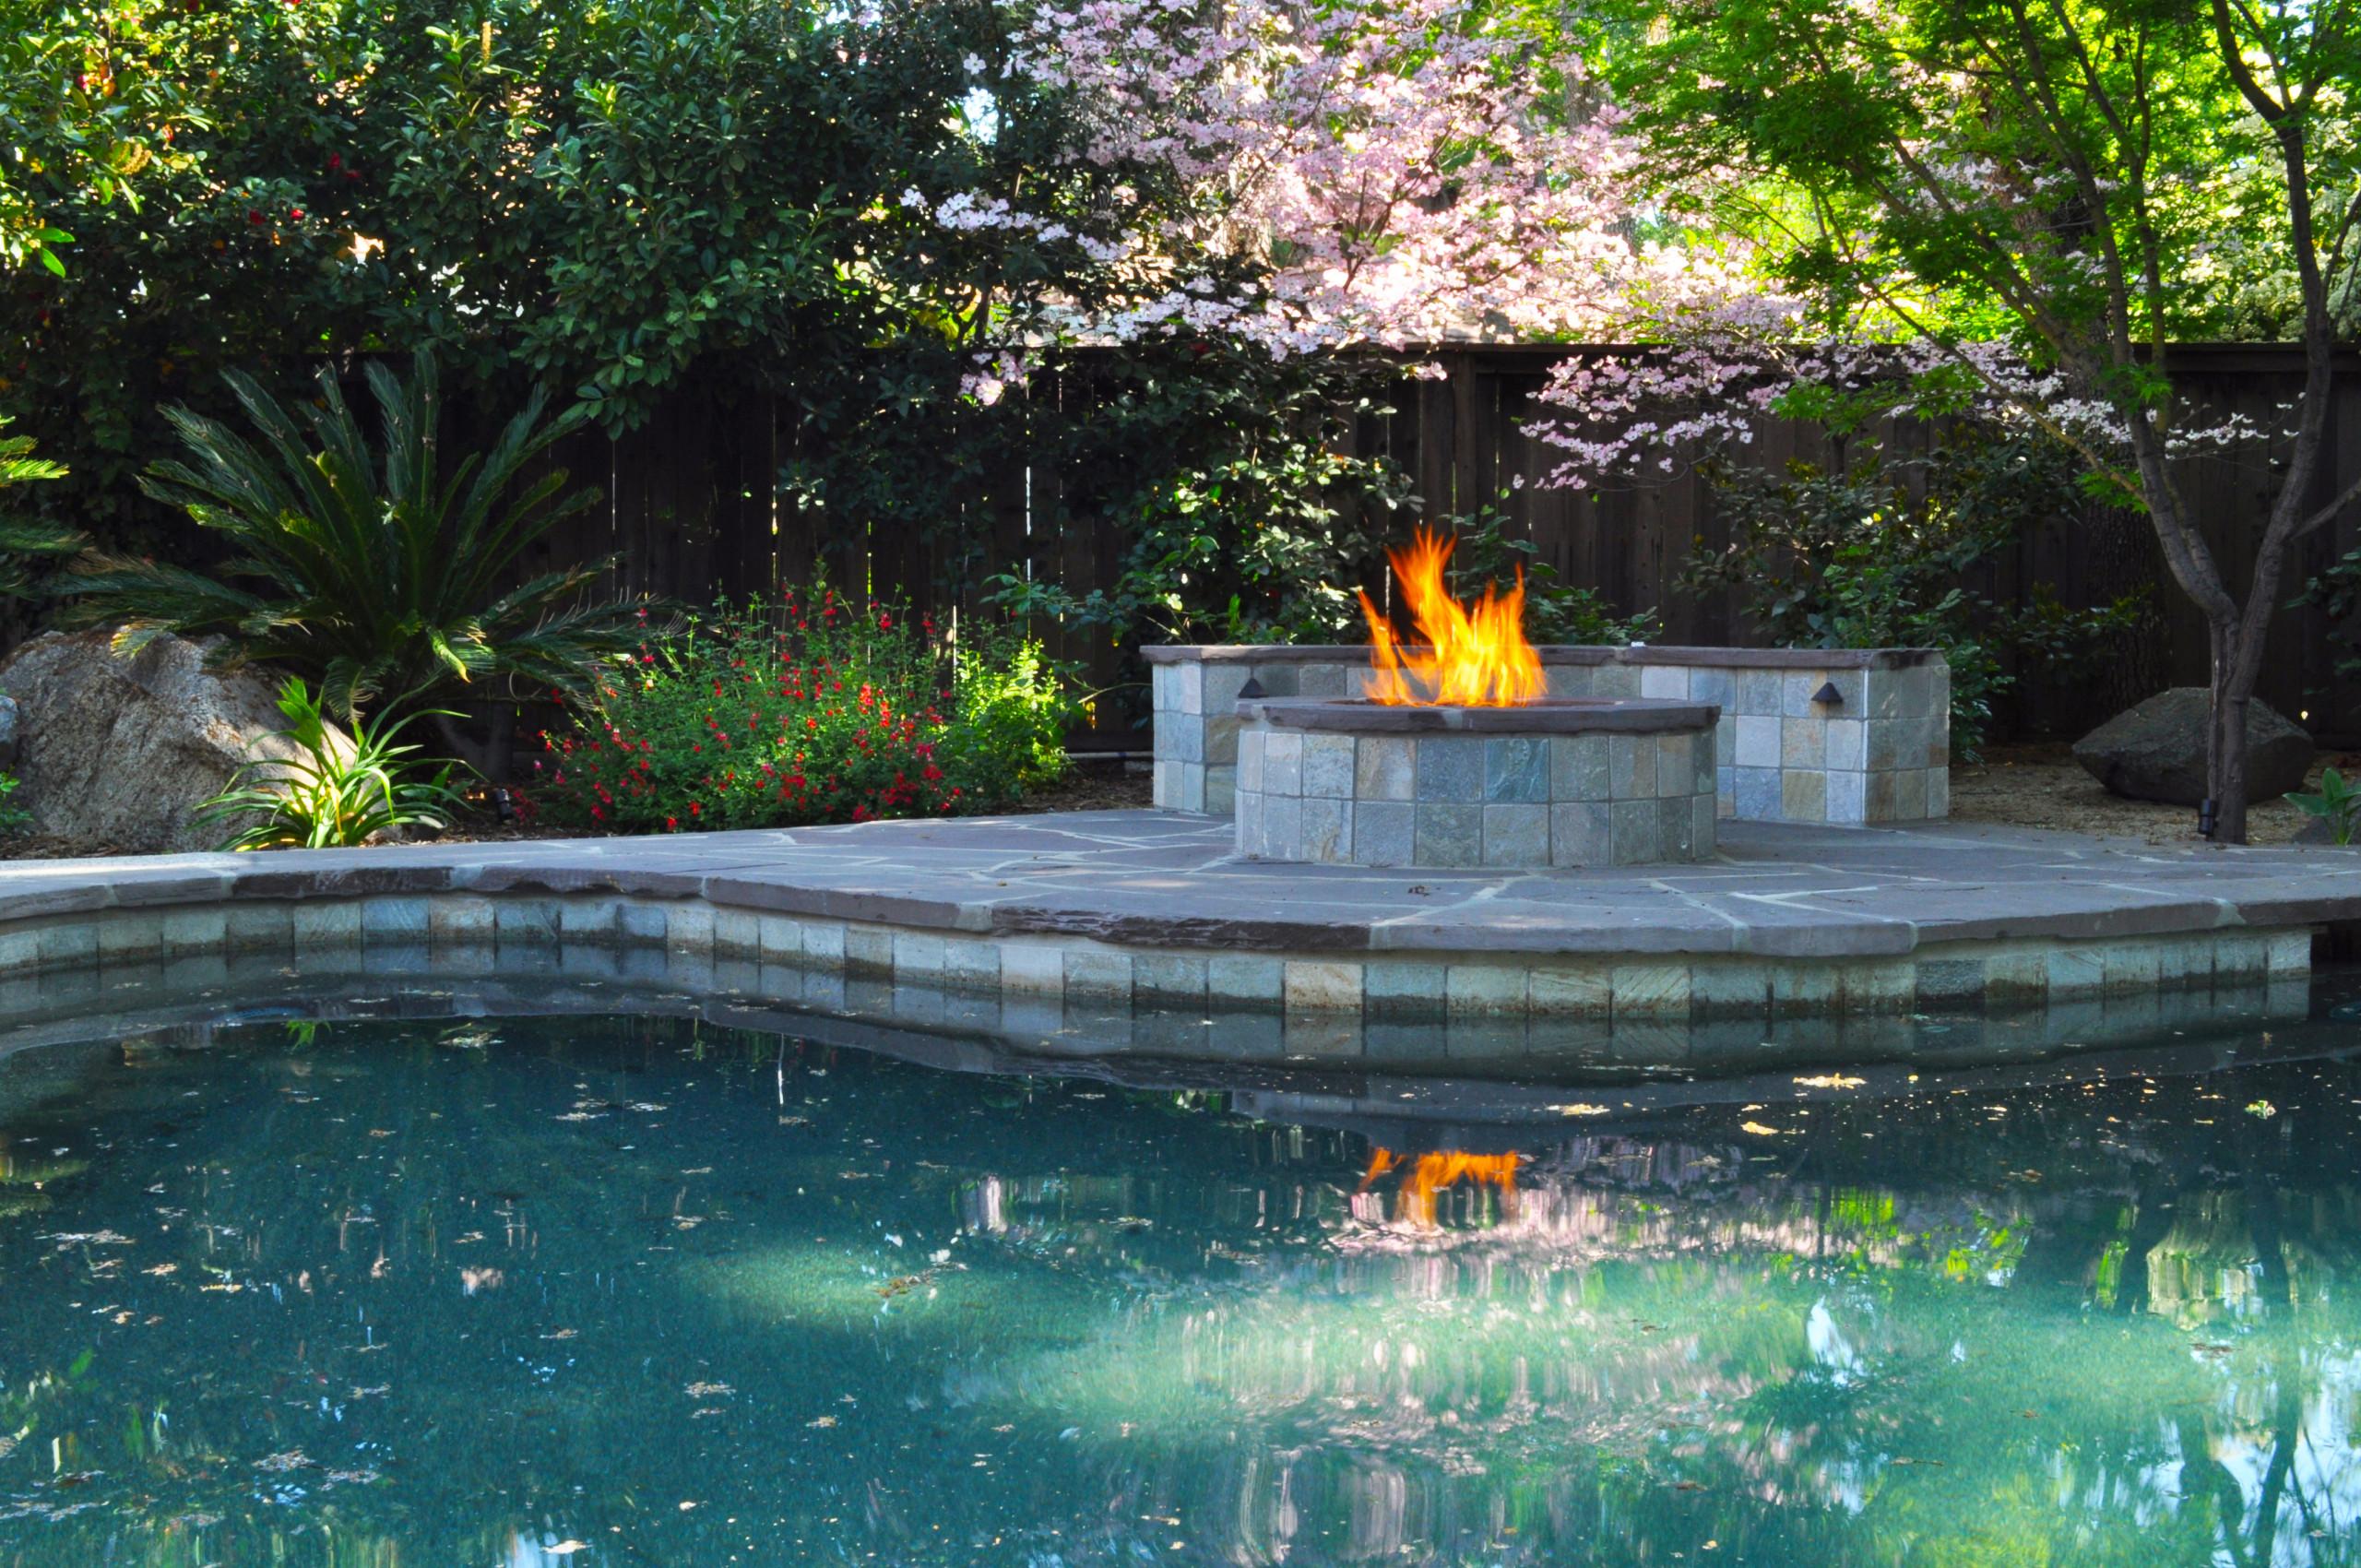 Fire + Dogwood